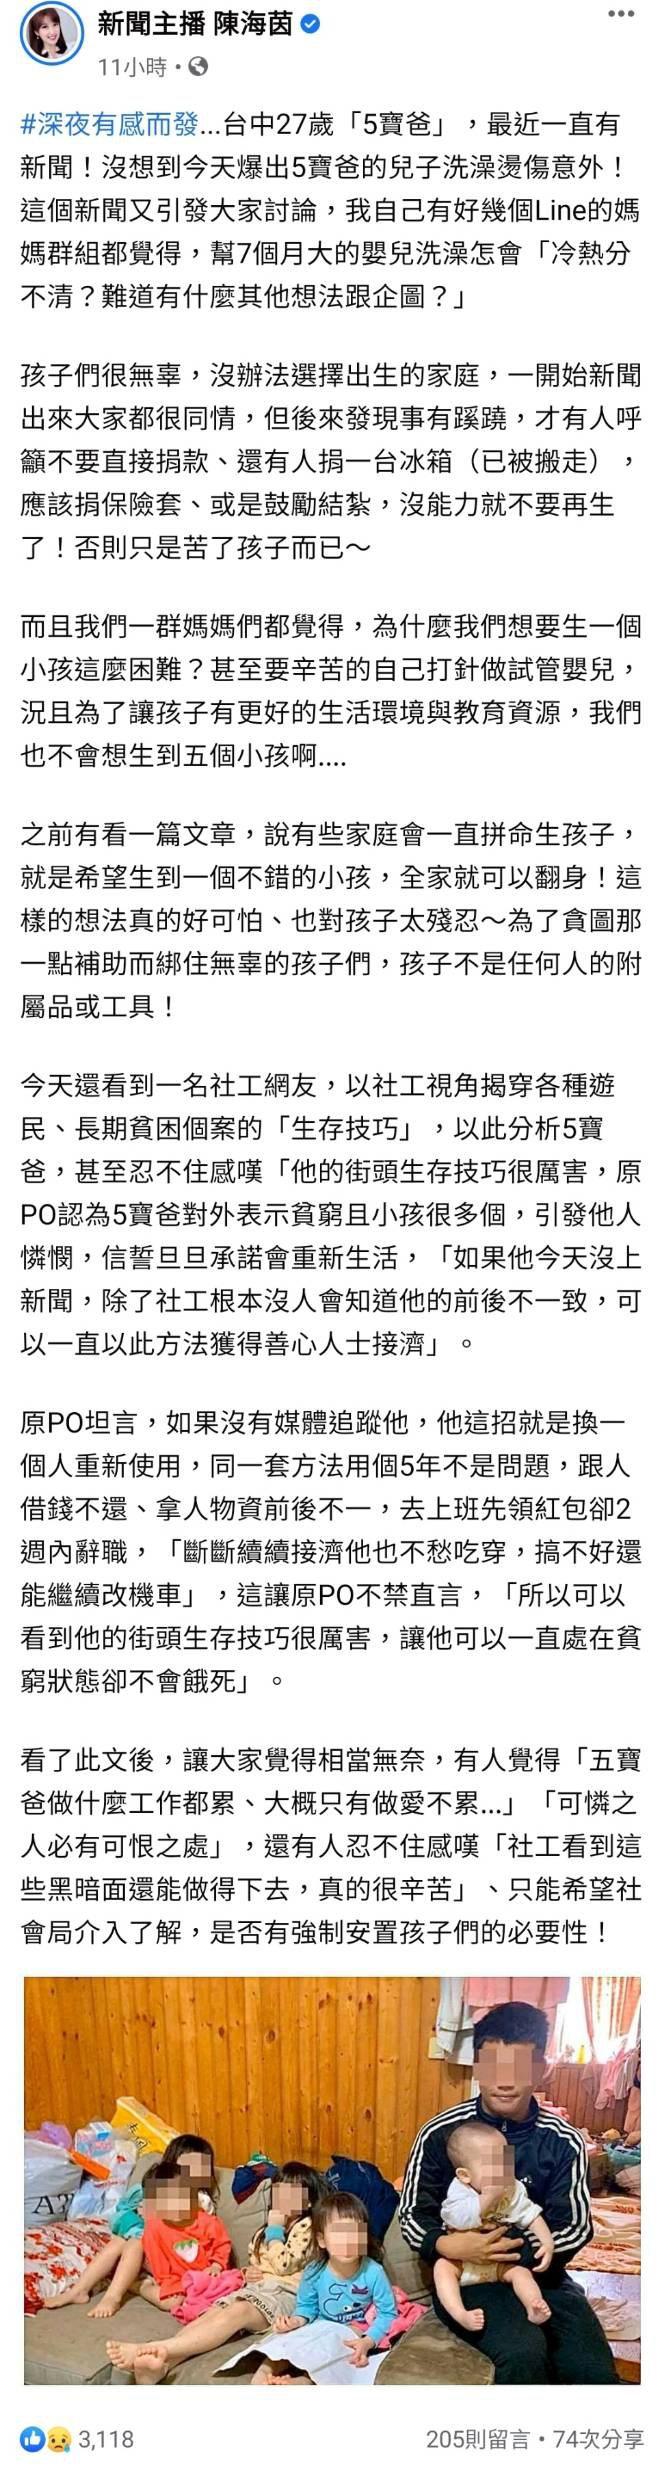 陳海茵對五寶爸發表看法。圖 / 擷自臉書